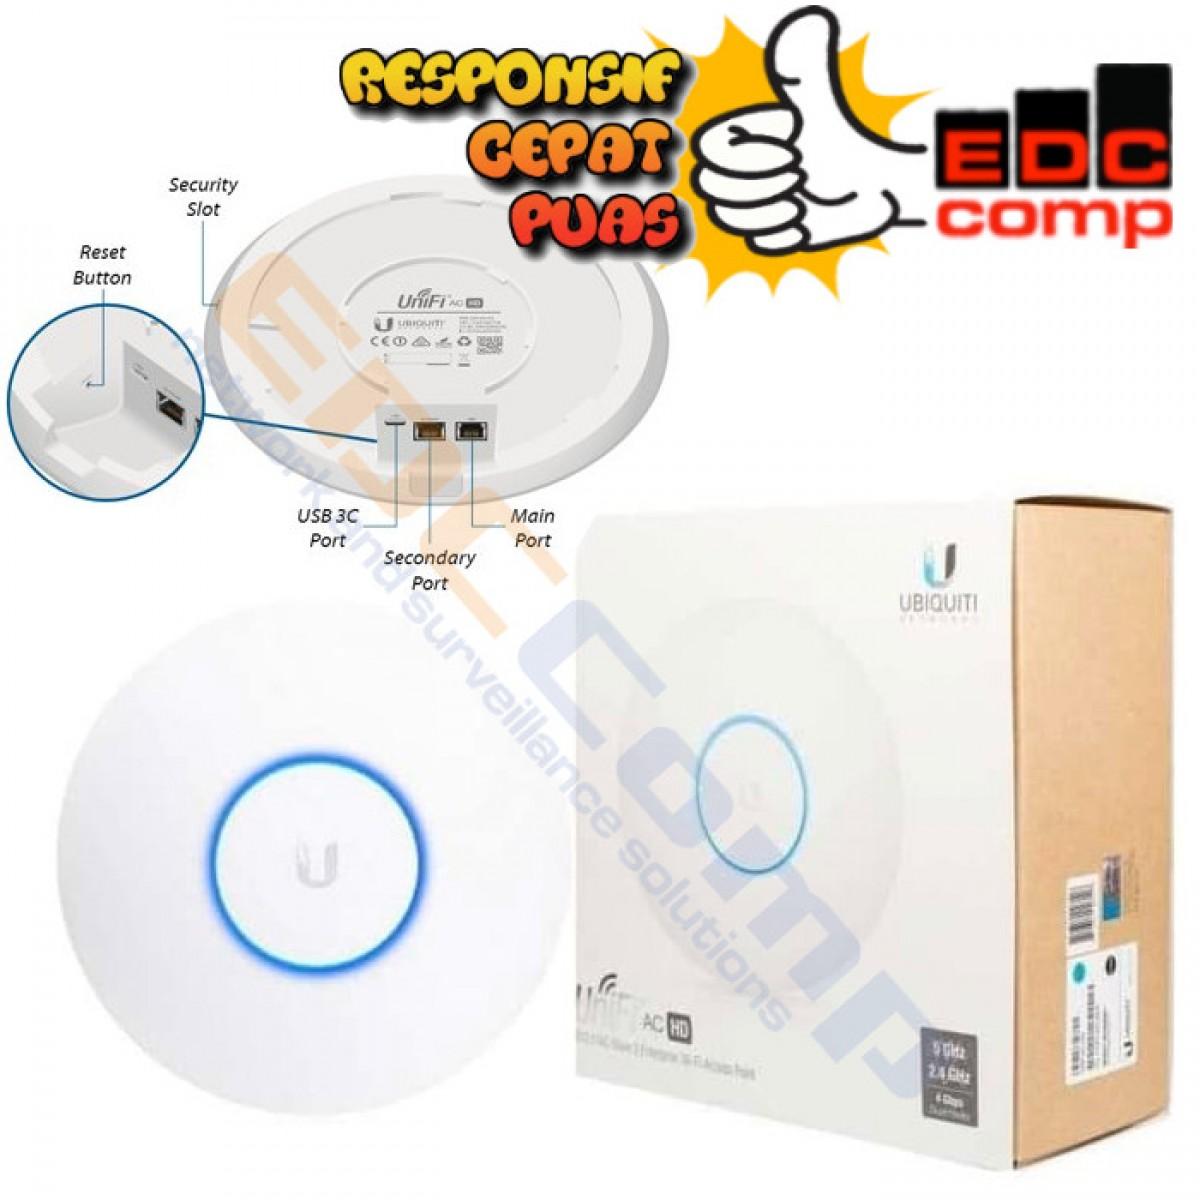 Ubiquiti Unifi AC HD UAP-AC-HD - EdcComp